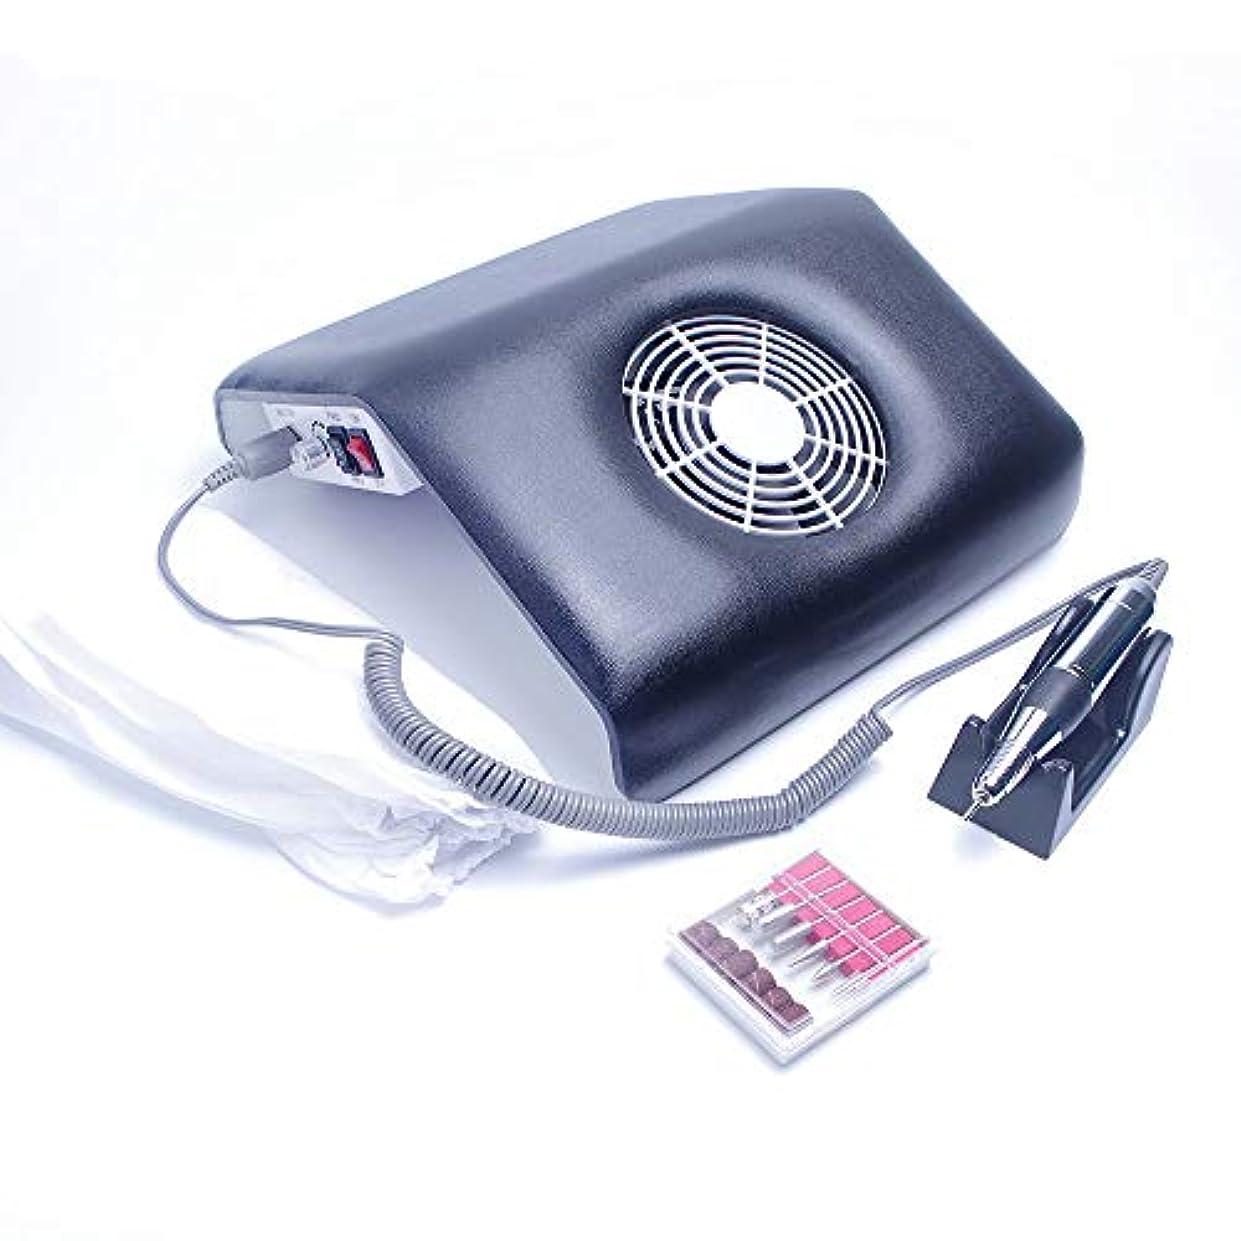 周術期手首として集塵機 ネイル ダストコレクター ネイルドリル ネイルマシーン ネイルマシン 電動ネイルファイル 電動ネイルケア ネイルオフ ジェルネイルオフ ジェルオフ セルフネイル